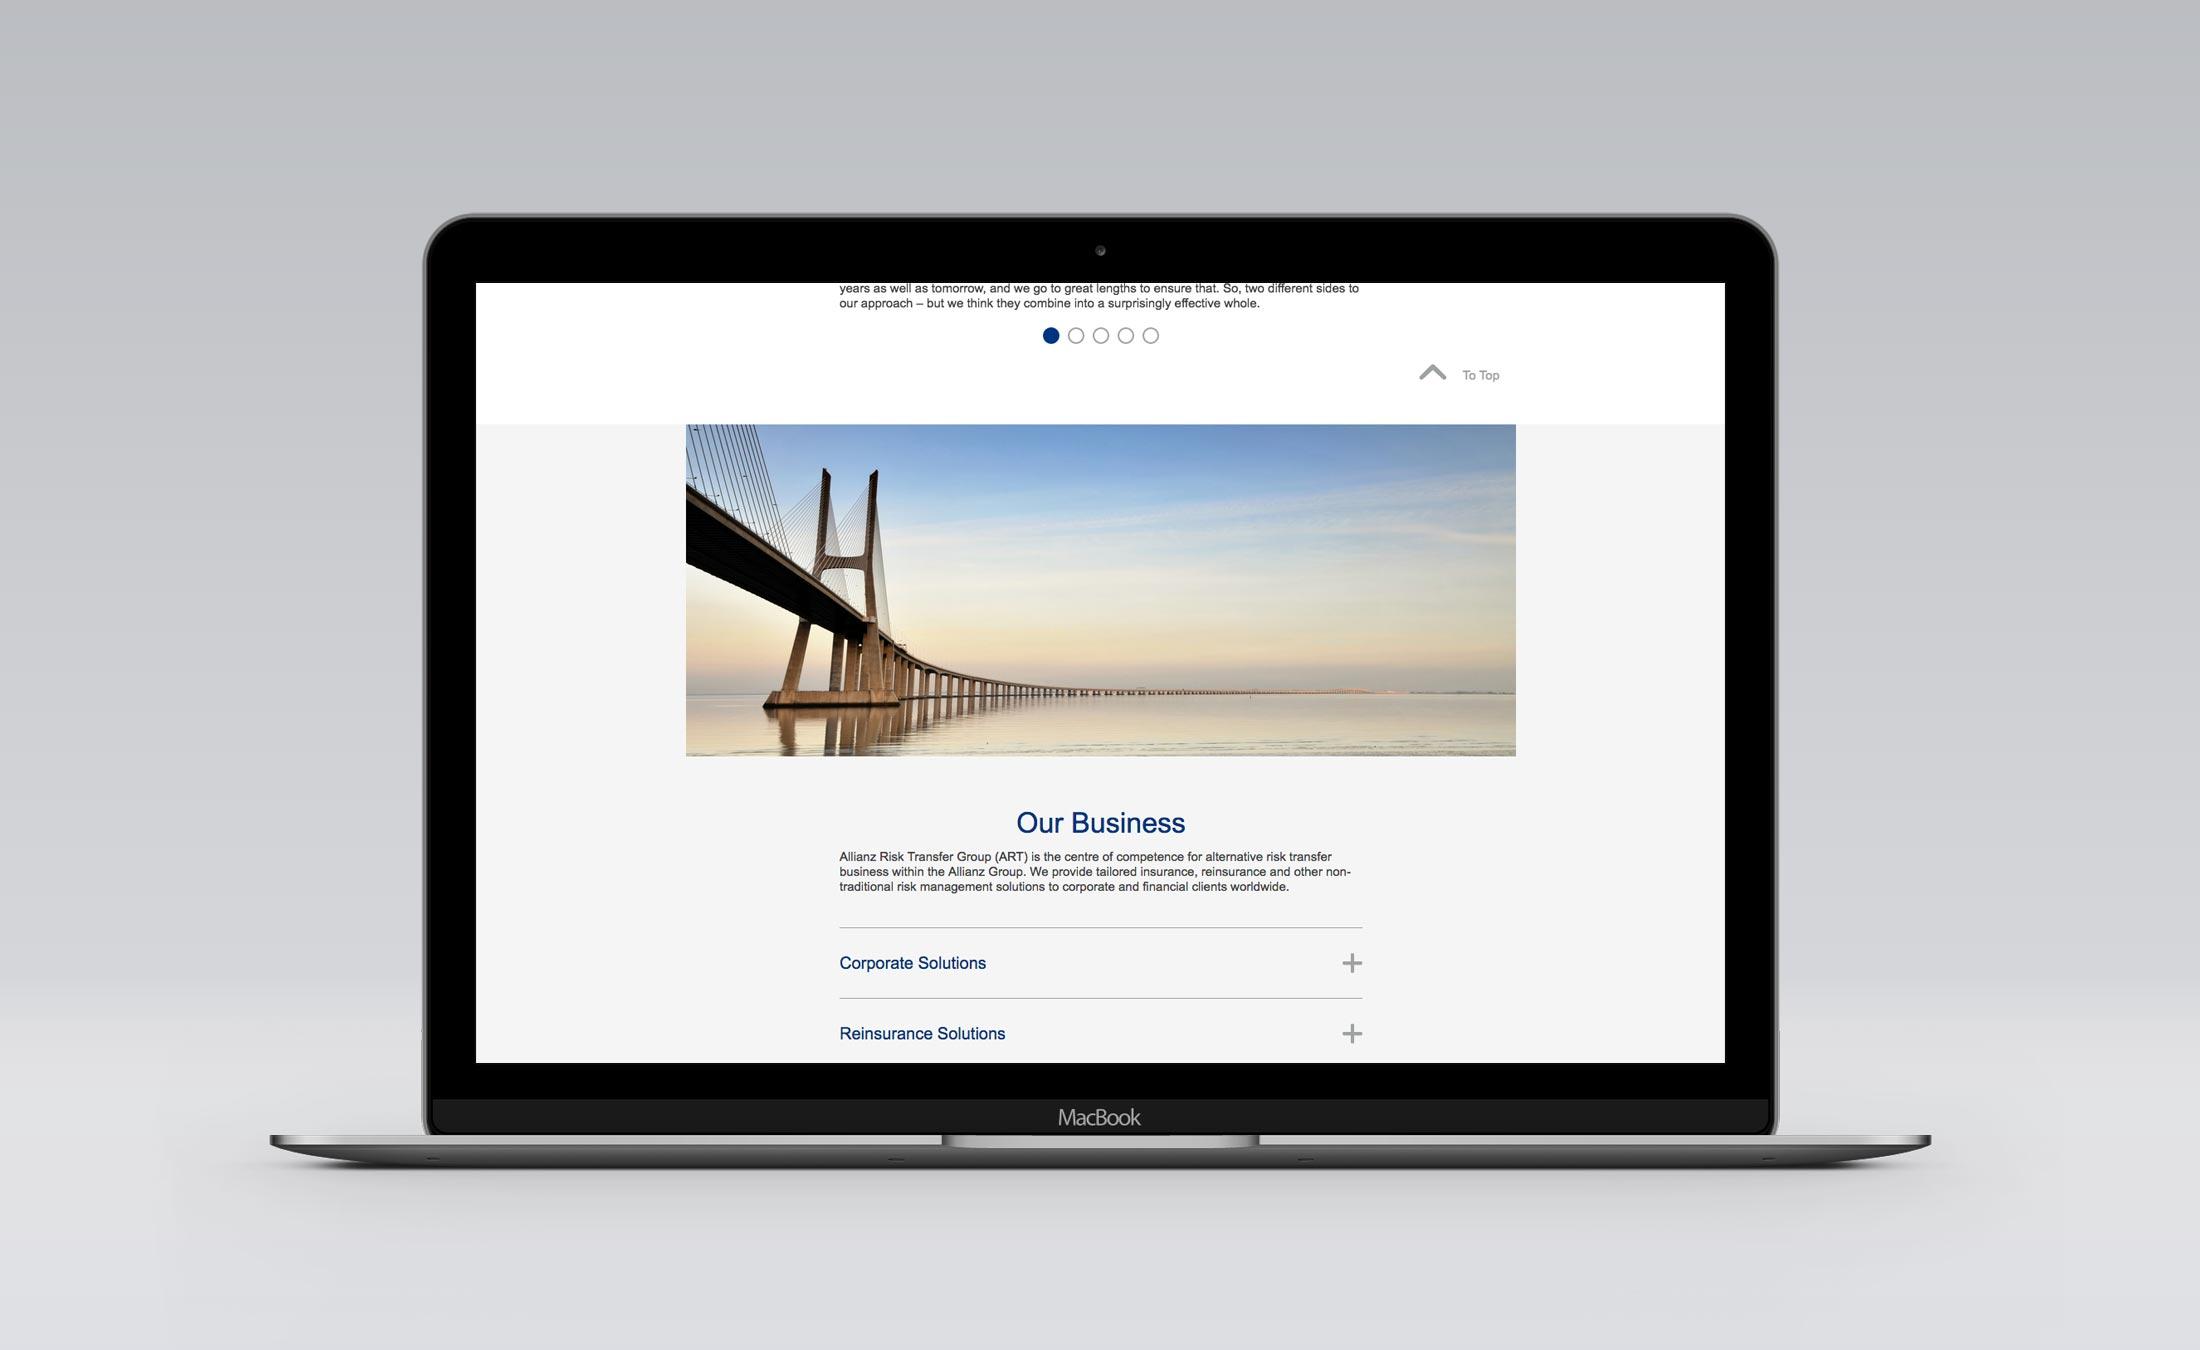 Website_Our Business-Allianz Risk Transfer Zürich